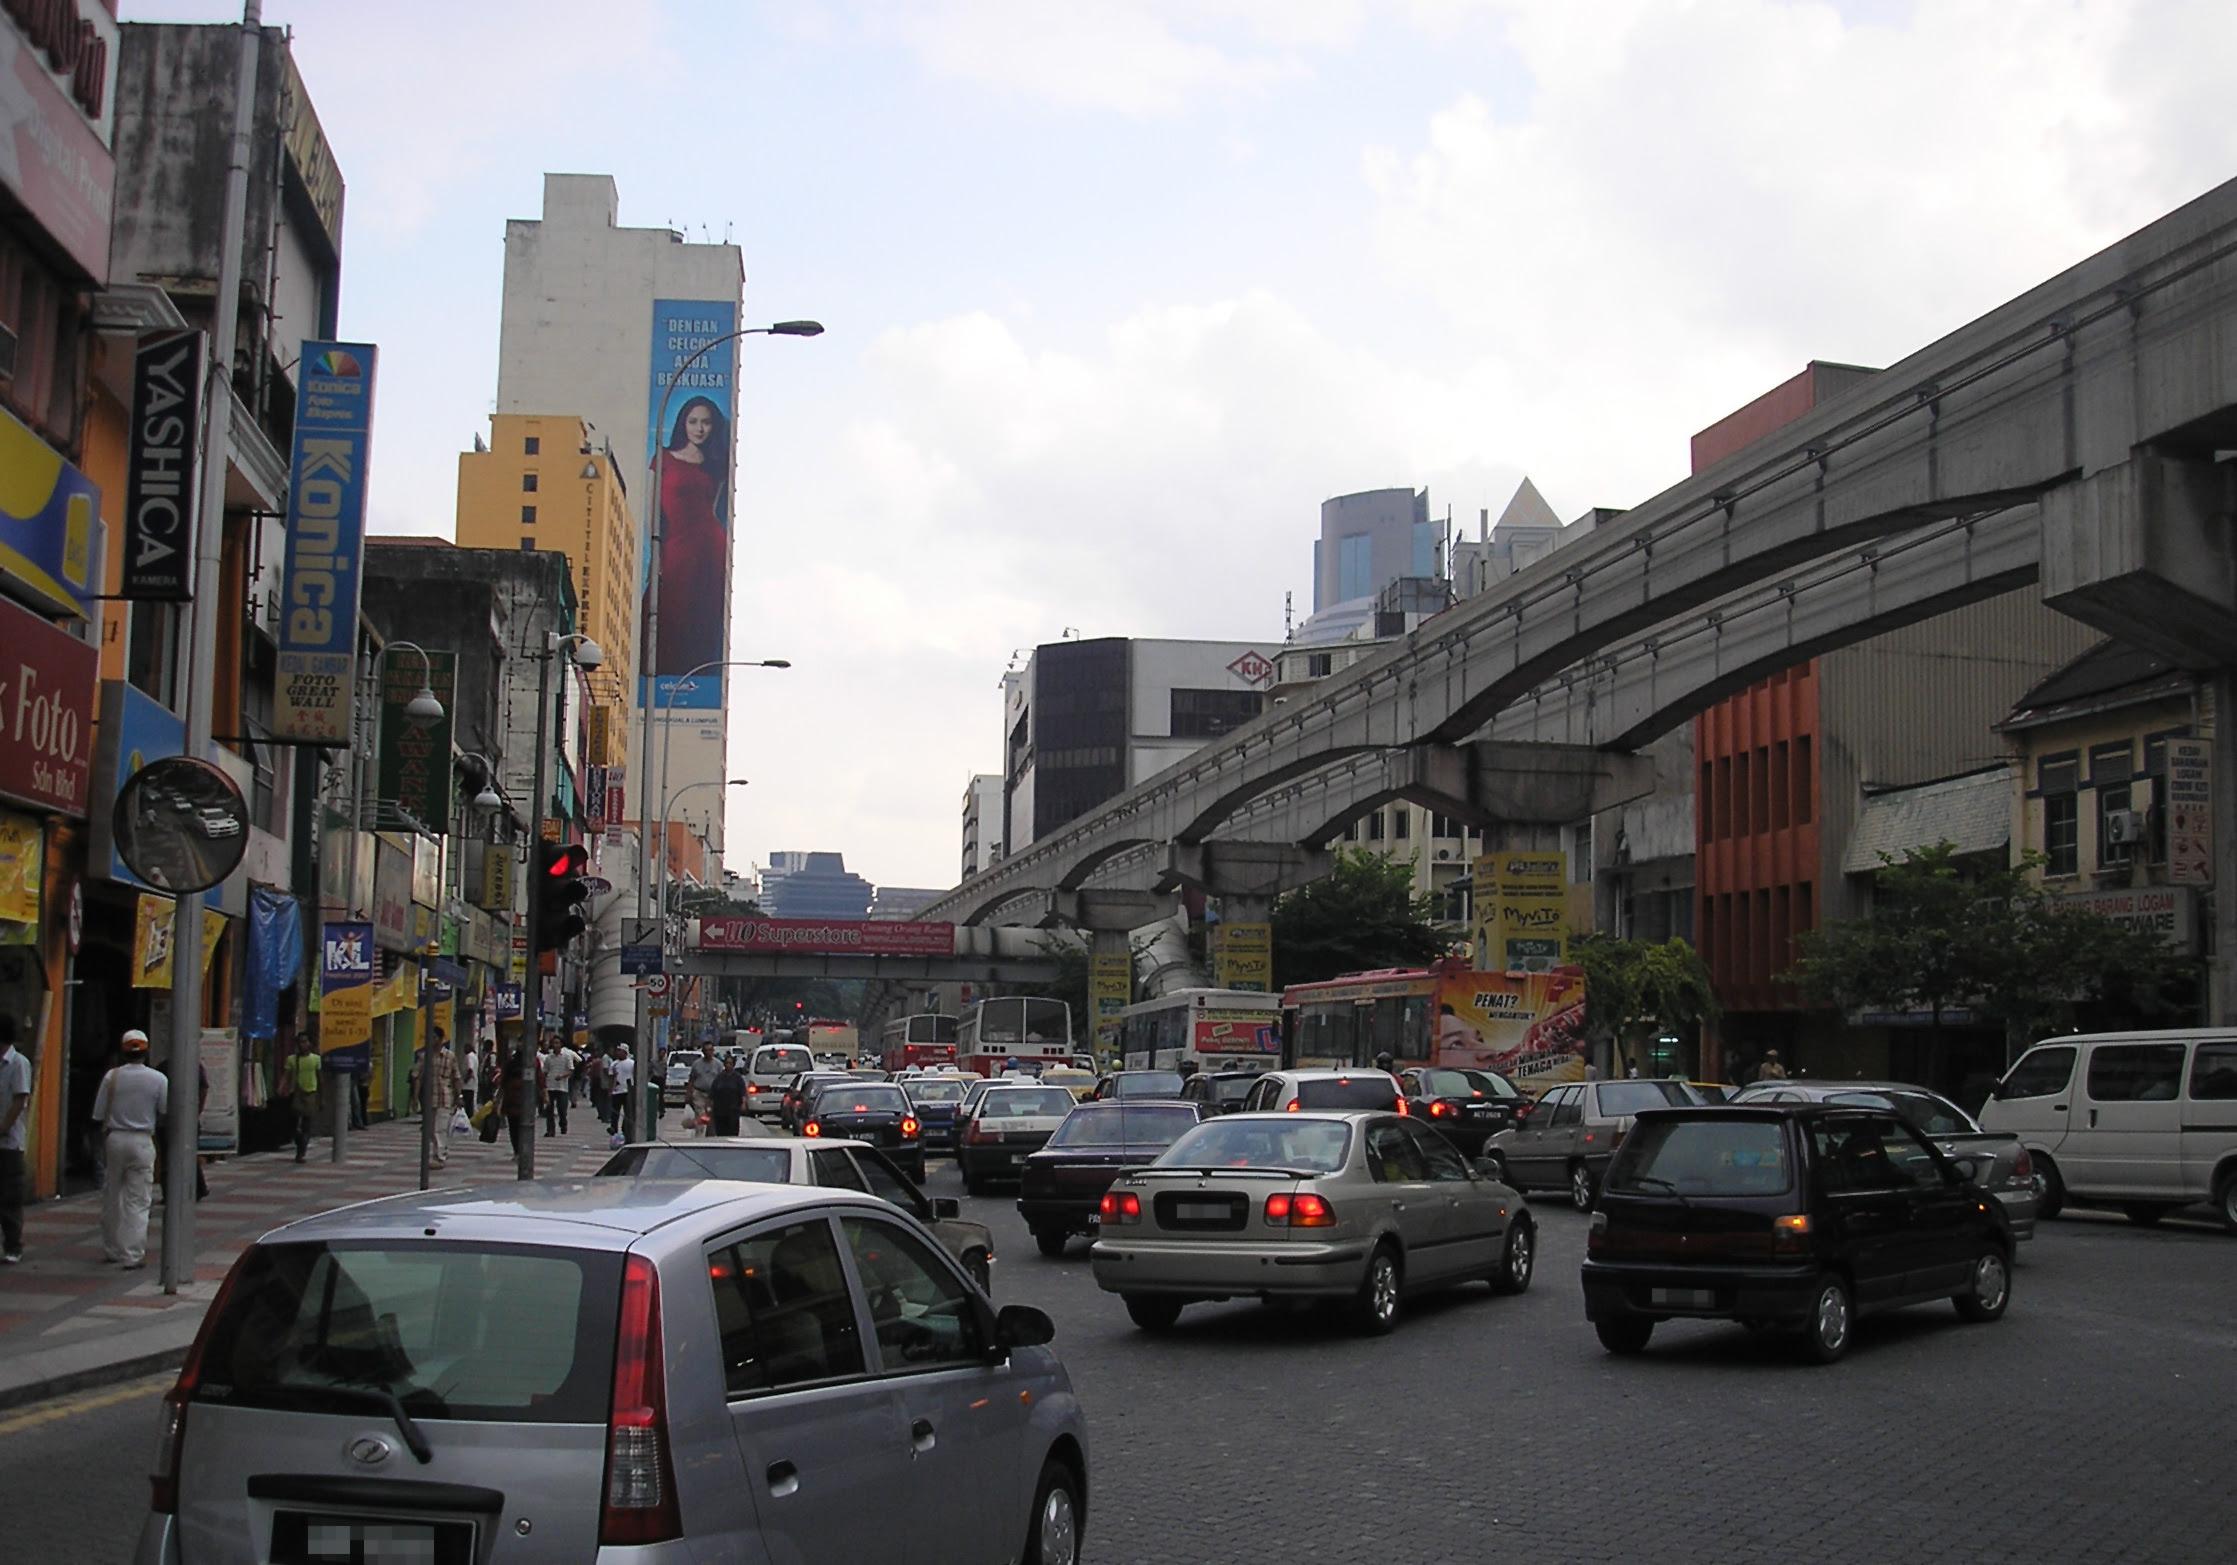 Kenapa Chowkit Di Sebut Pasar Aceh?